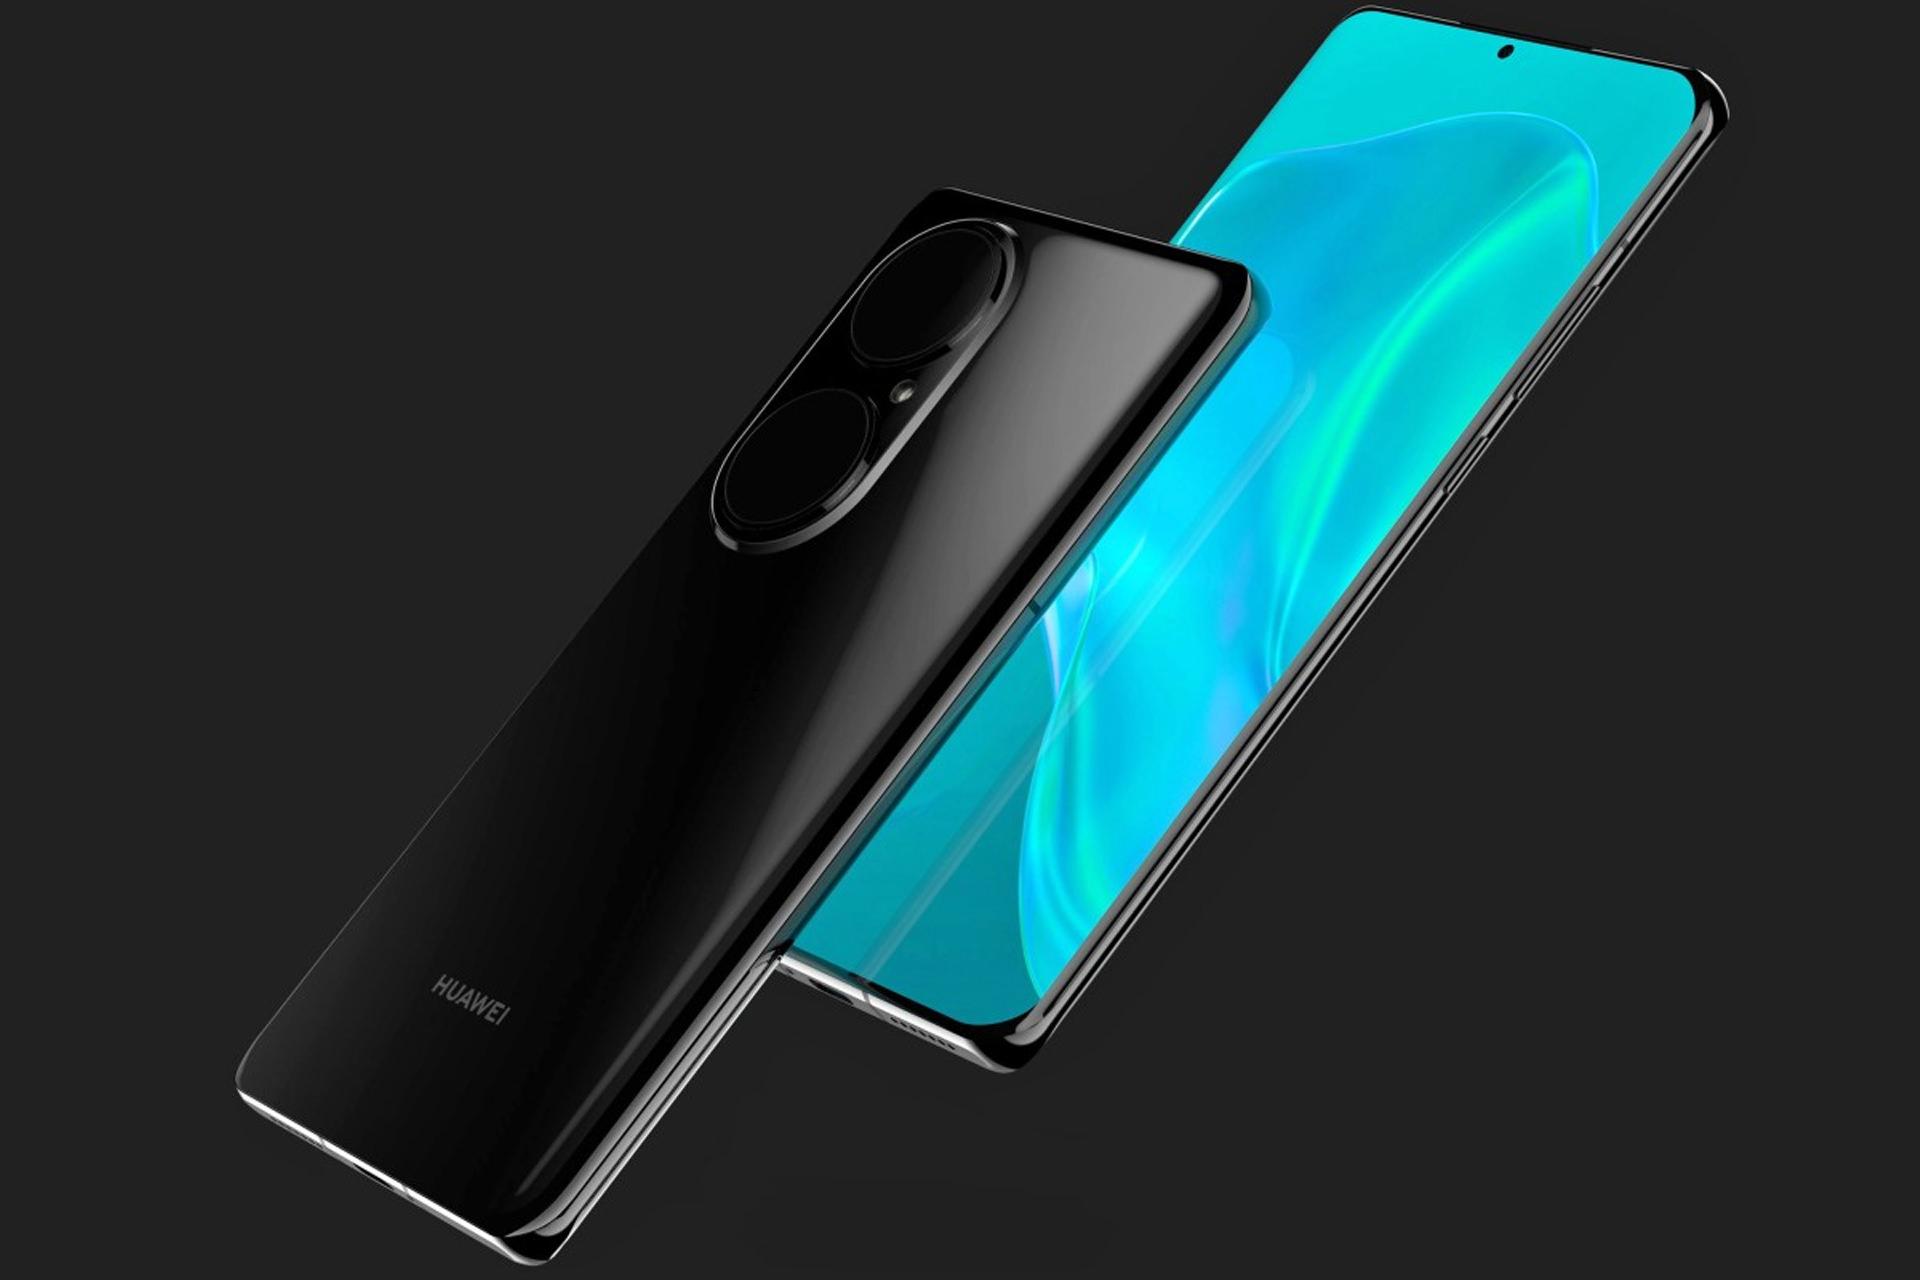 تم الكشف عن عرض Huawei P50 Pro من الأمام والخلف إلى اليمين